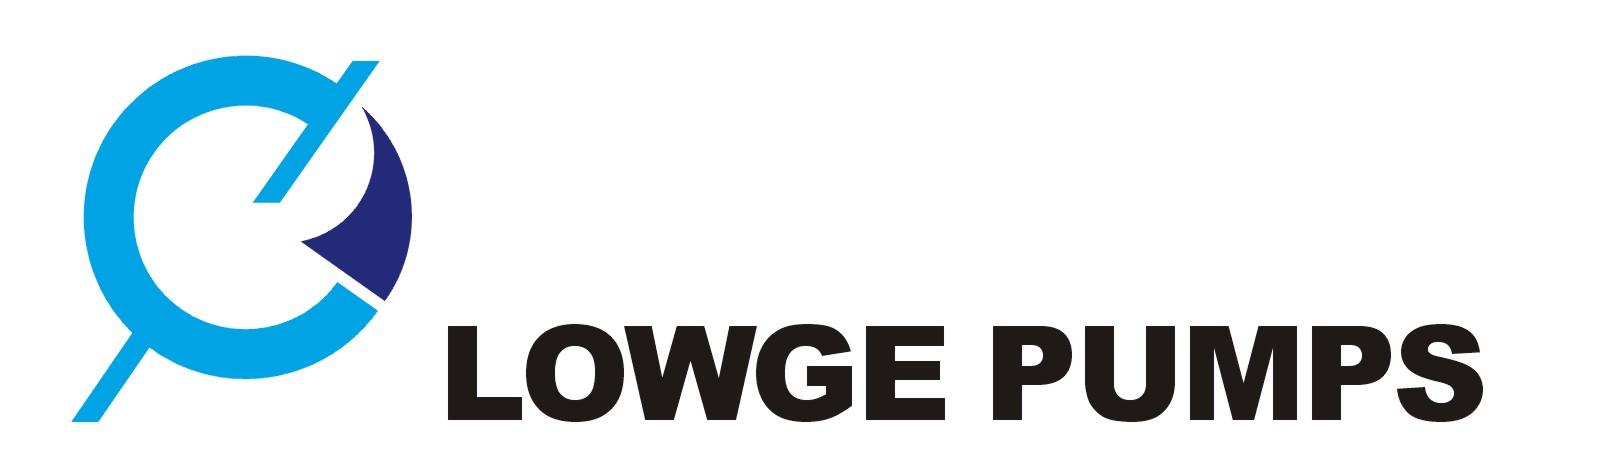 logo logo 标志 设计 矢量 矢量图 素材 图标 1624_459